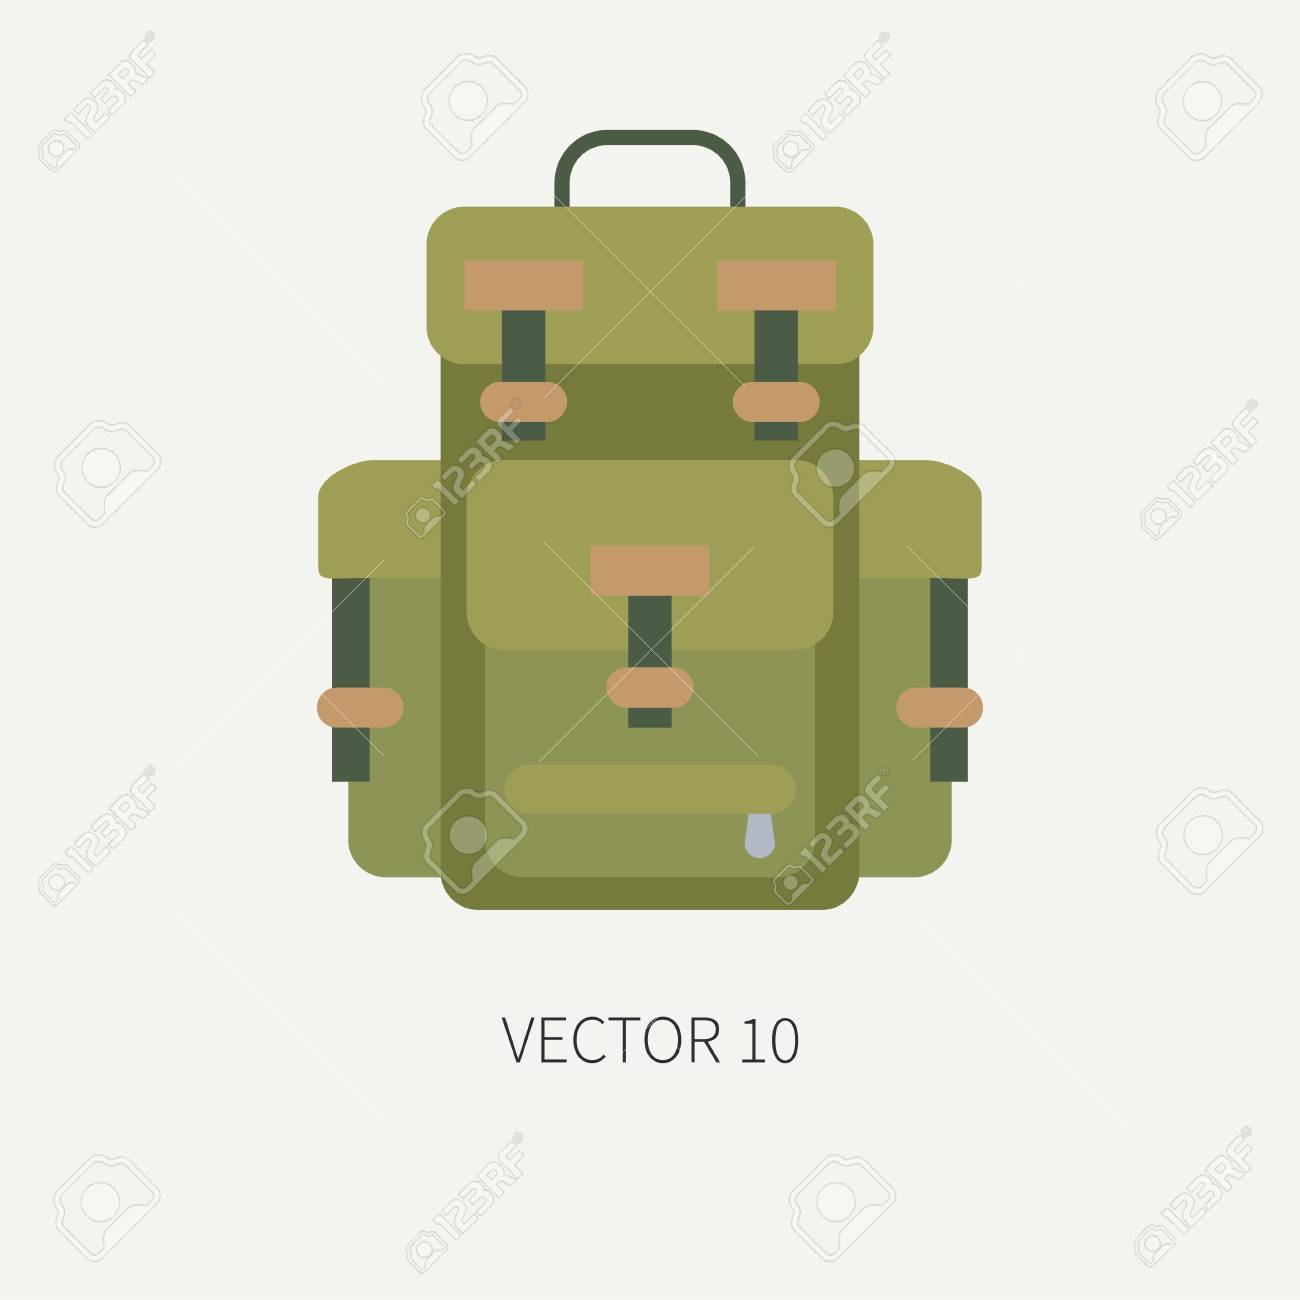 Caza De Vector De Color De Azulejo De Línea E Icono De Camping - Mochila.  Equipo De Cazadores 31f7dafadf6